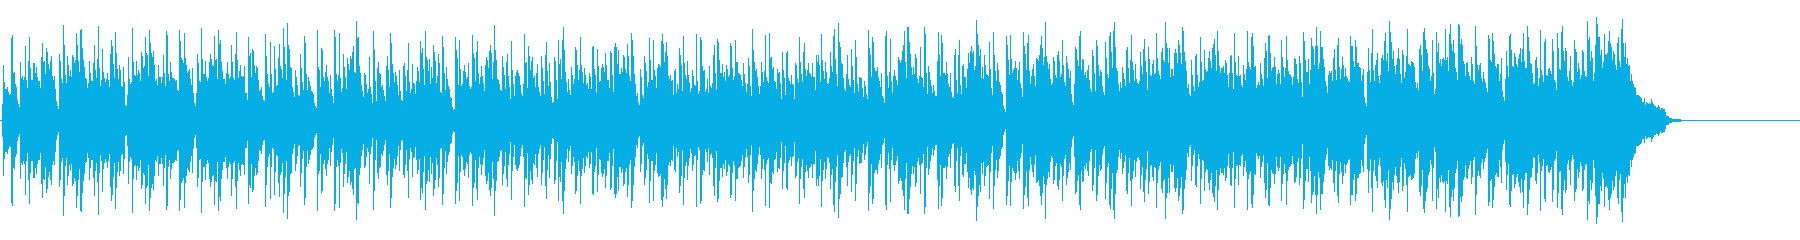 ゴージャスなリゾート風ボサノバ・ポップスの再生済みの波形